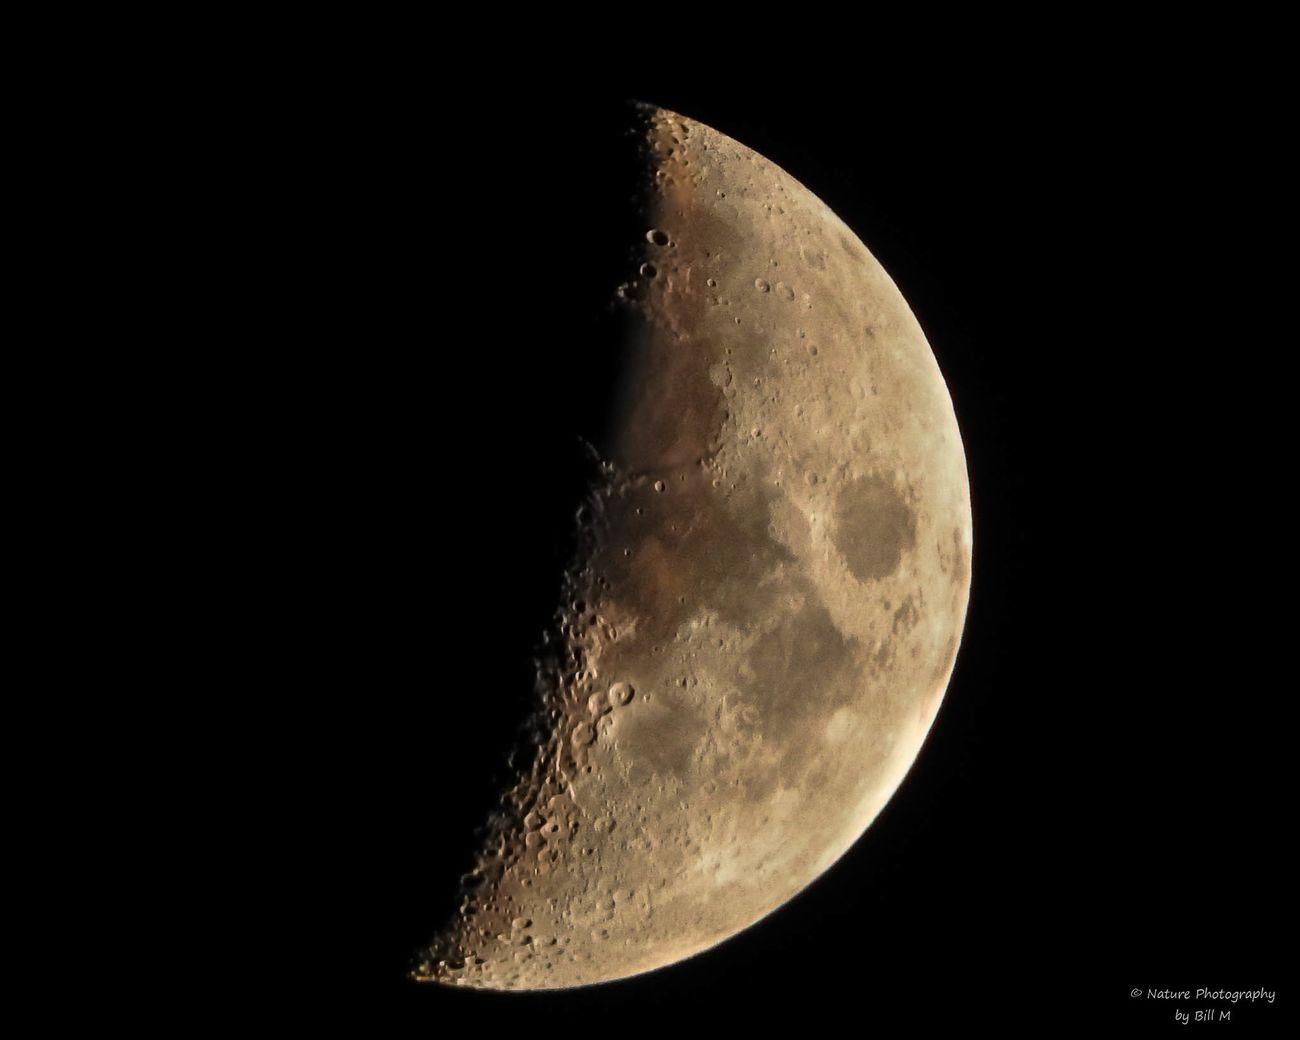 Barren Moon